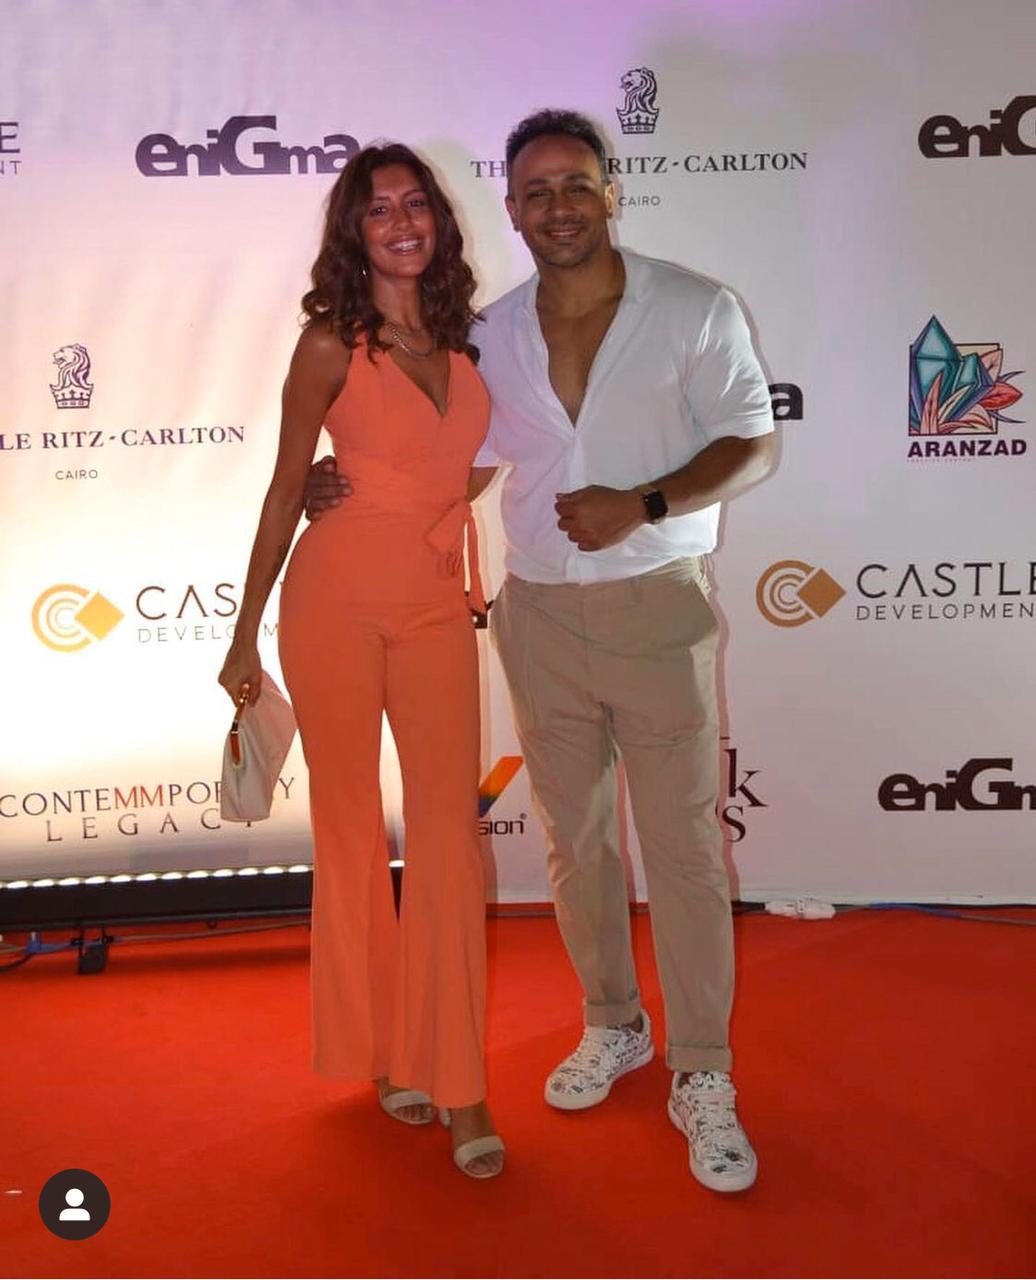 Mohamed Attia and Mirna El Helbawy